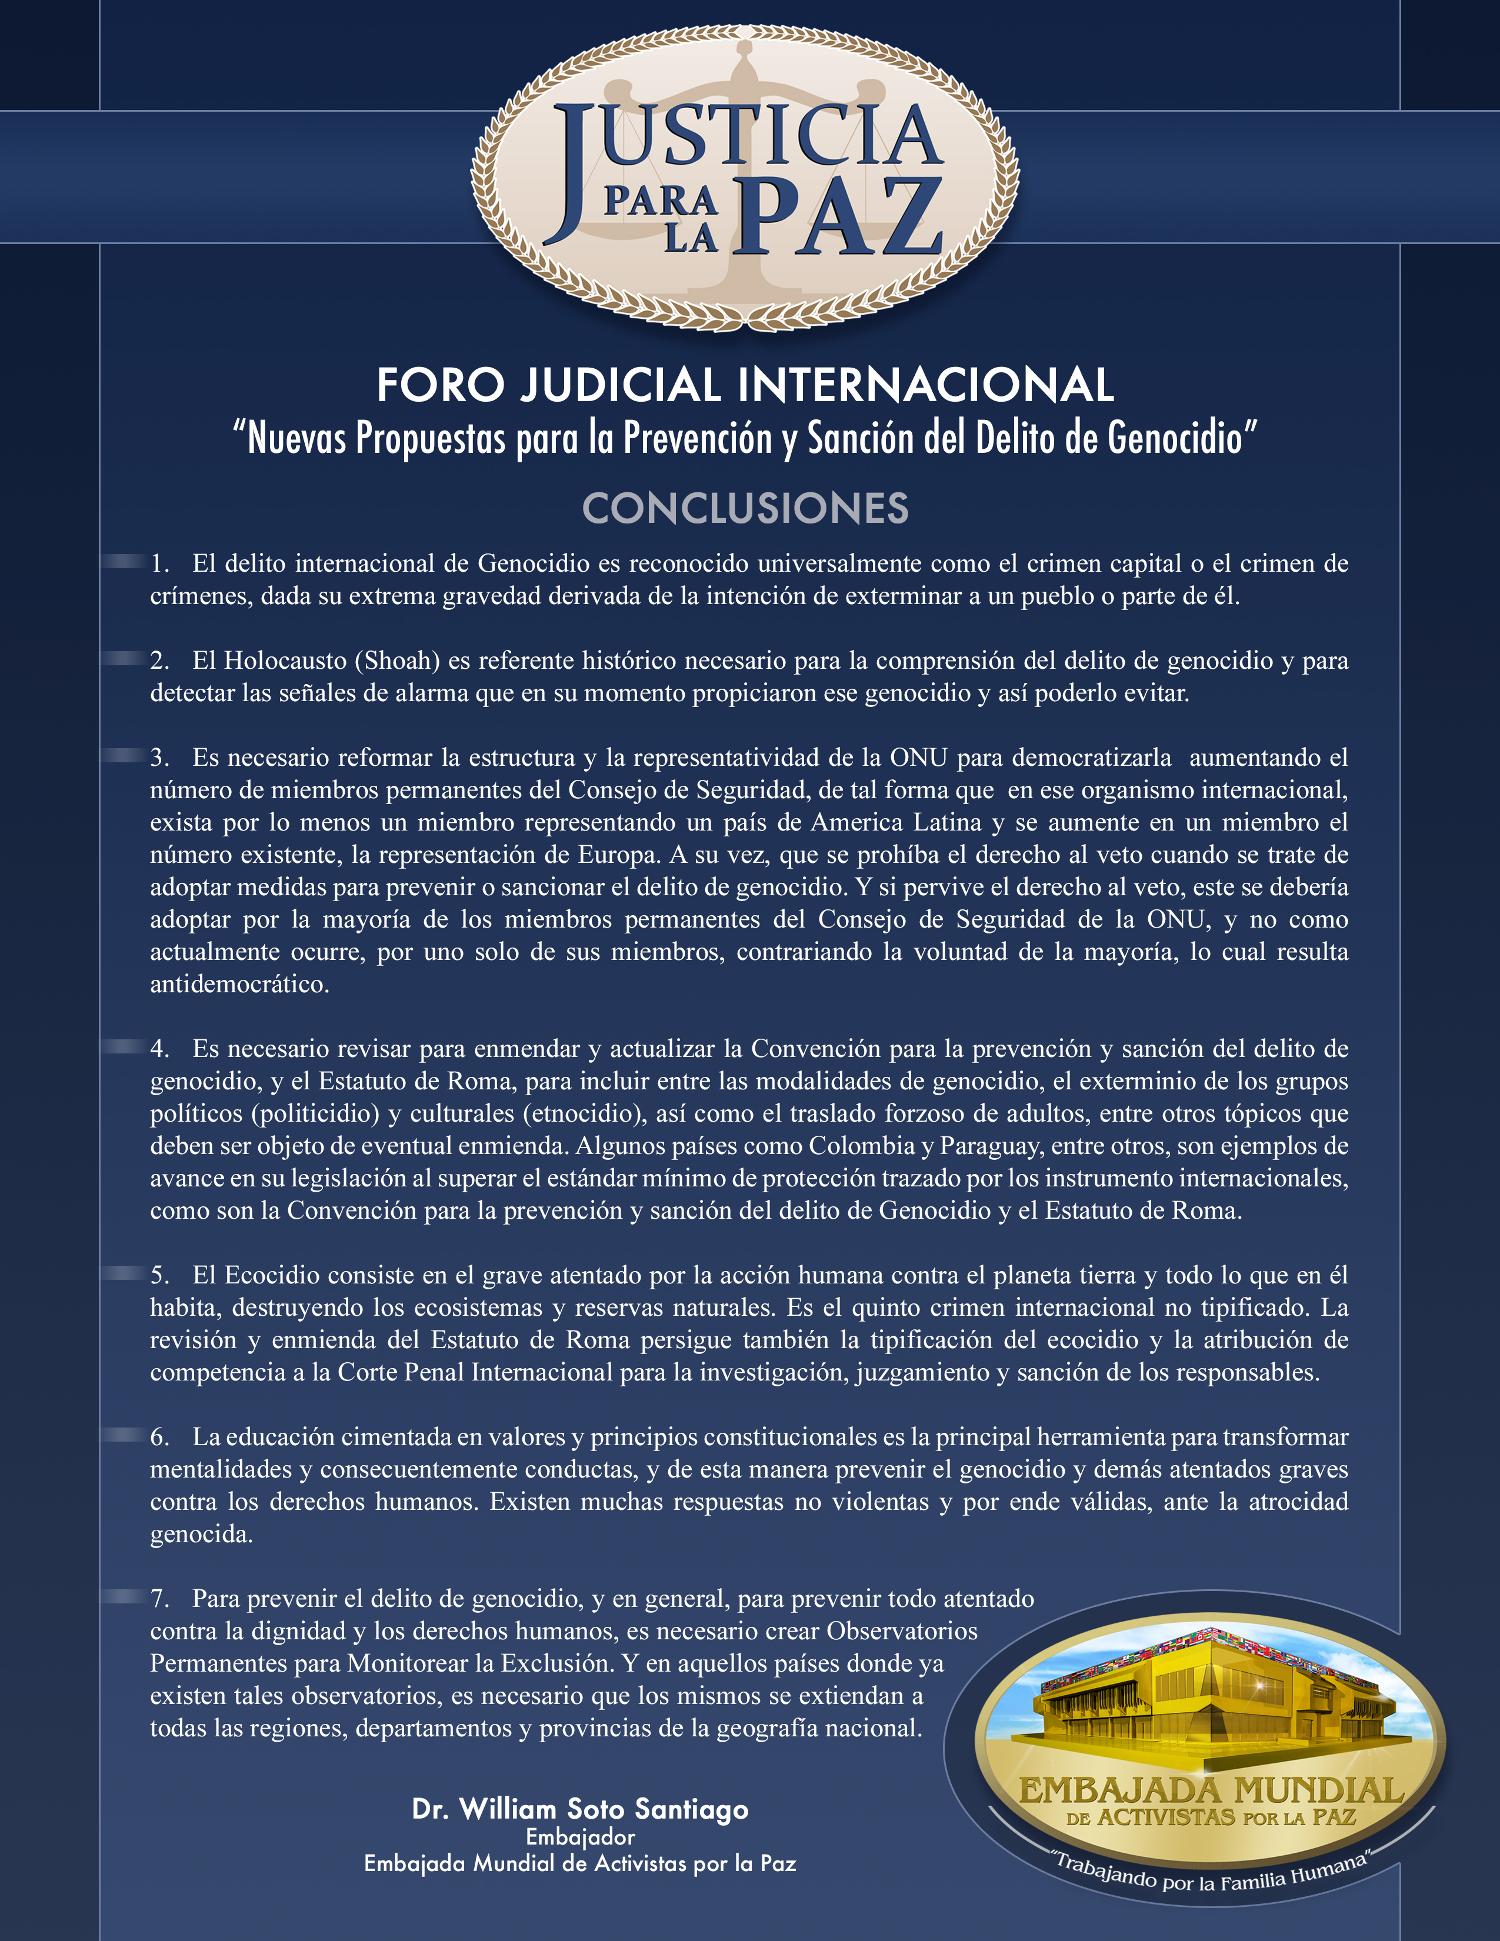 Foro_Judicial_Internacional - CONCLUSIONES_web